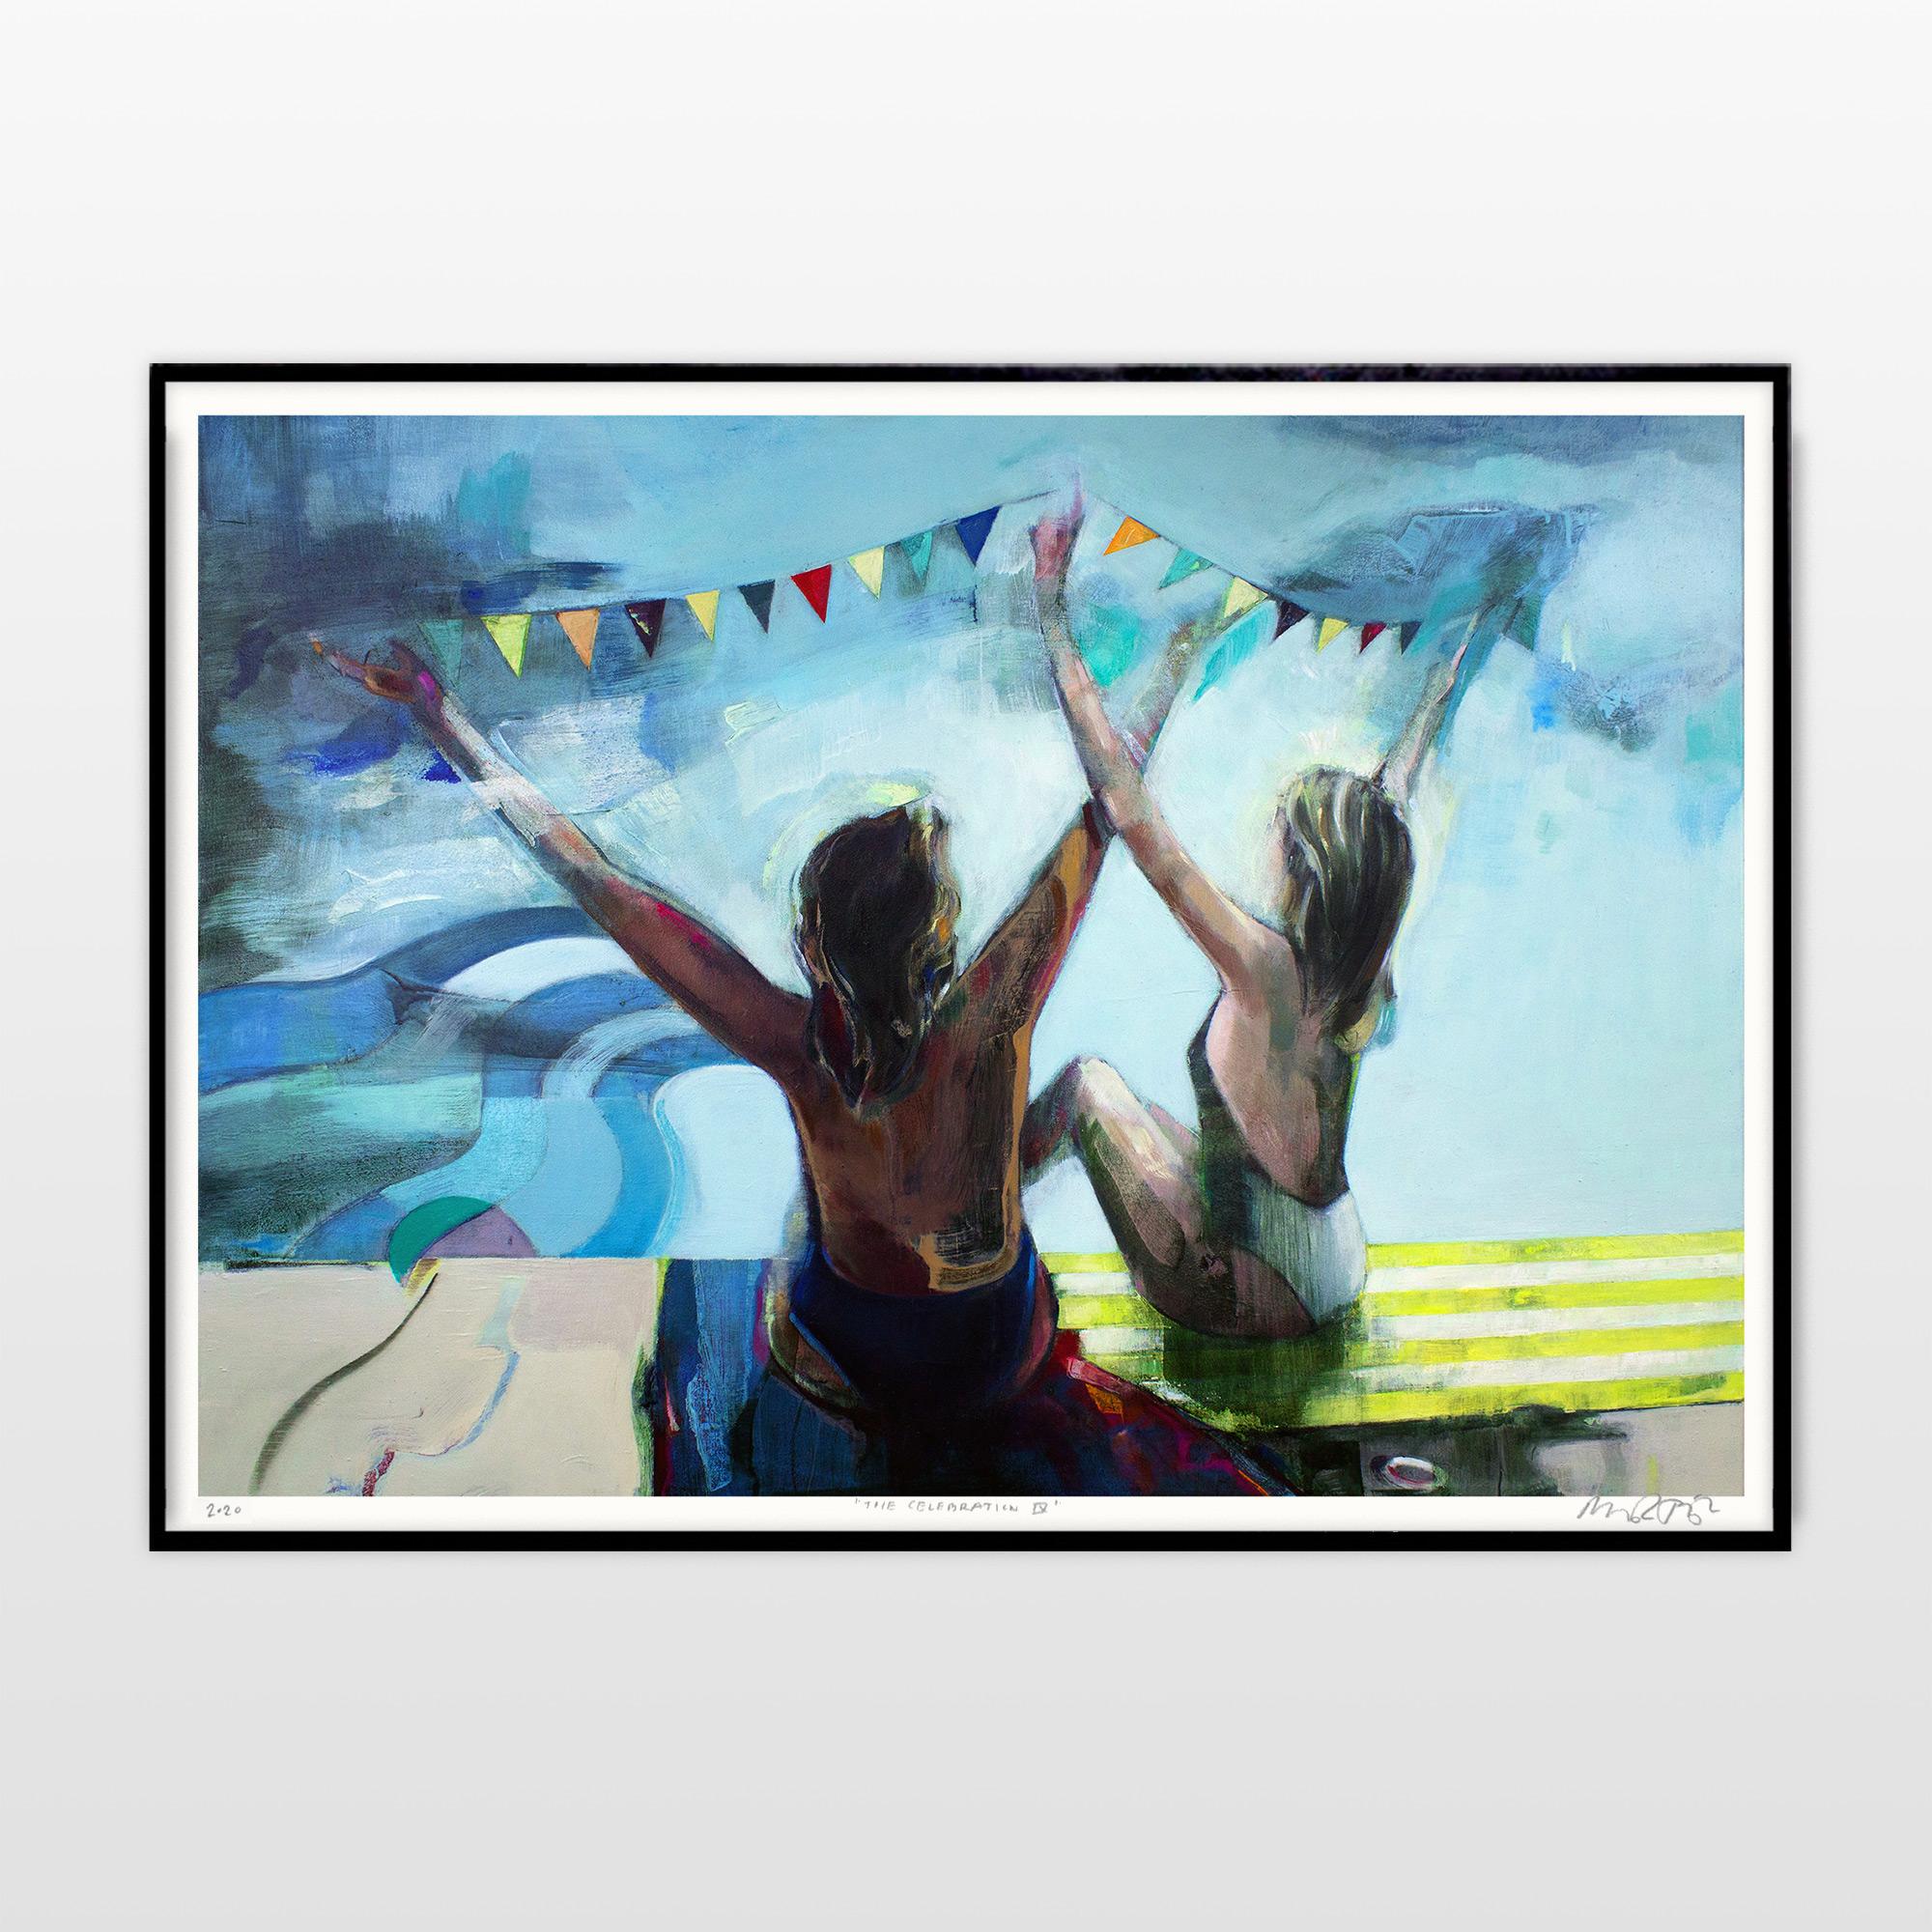 plakater-posters-kunsttryk, giclee-tryk, æstetiske, farverige, figurative, grafiske, kroppe, natur, havet, mennesker, beige, blå, turkise, gule, blæk, papir, strand, smukke, samtidskunst, københavn, dansk, dekorative, design, kvindelig, interiør, bolig-indretning, moderne, moderne-kunst, nordisk, plakater, romantiske, skandinavisk, sommer, kvinder, Køb original kunst og kunstplakater. Malerier, tegninger, limited edition kunsttryk & plakater af dygtige kunstnere.